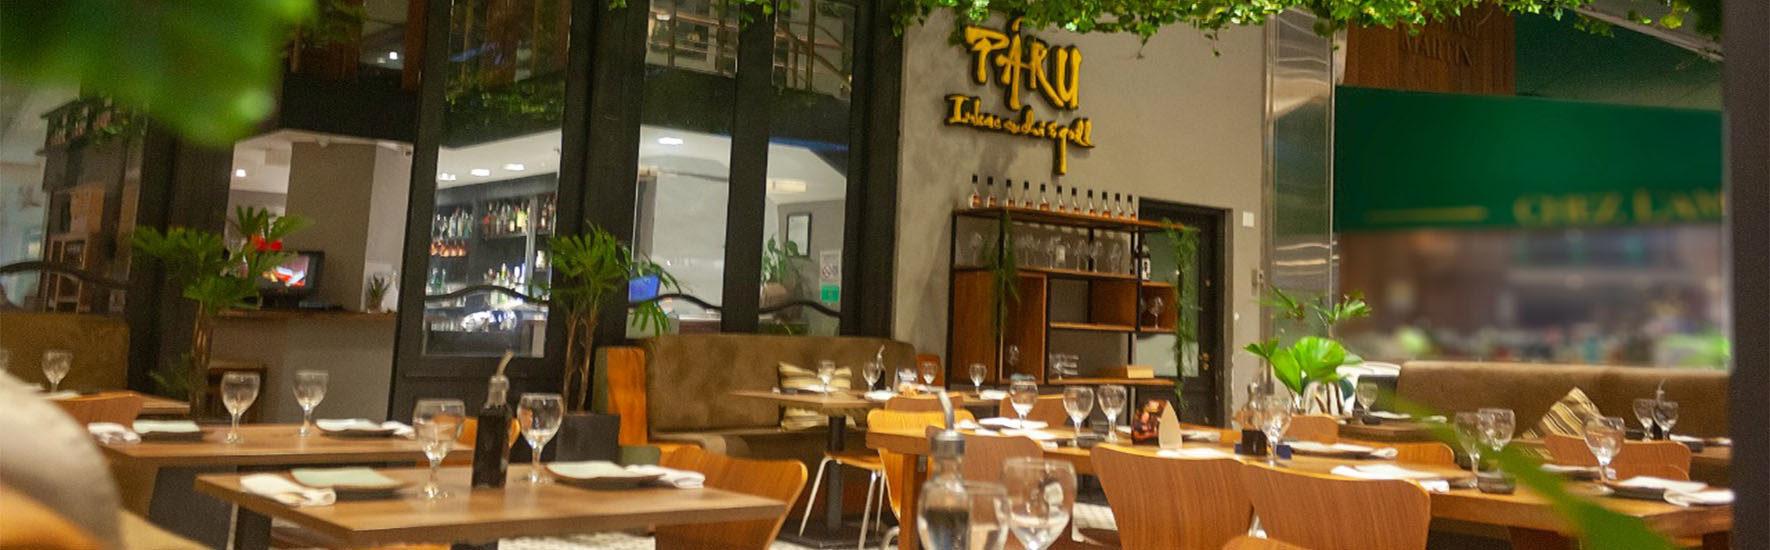 Restaurante Páru inaugura seu novo espaço